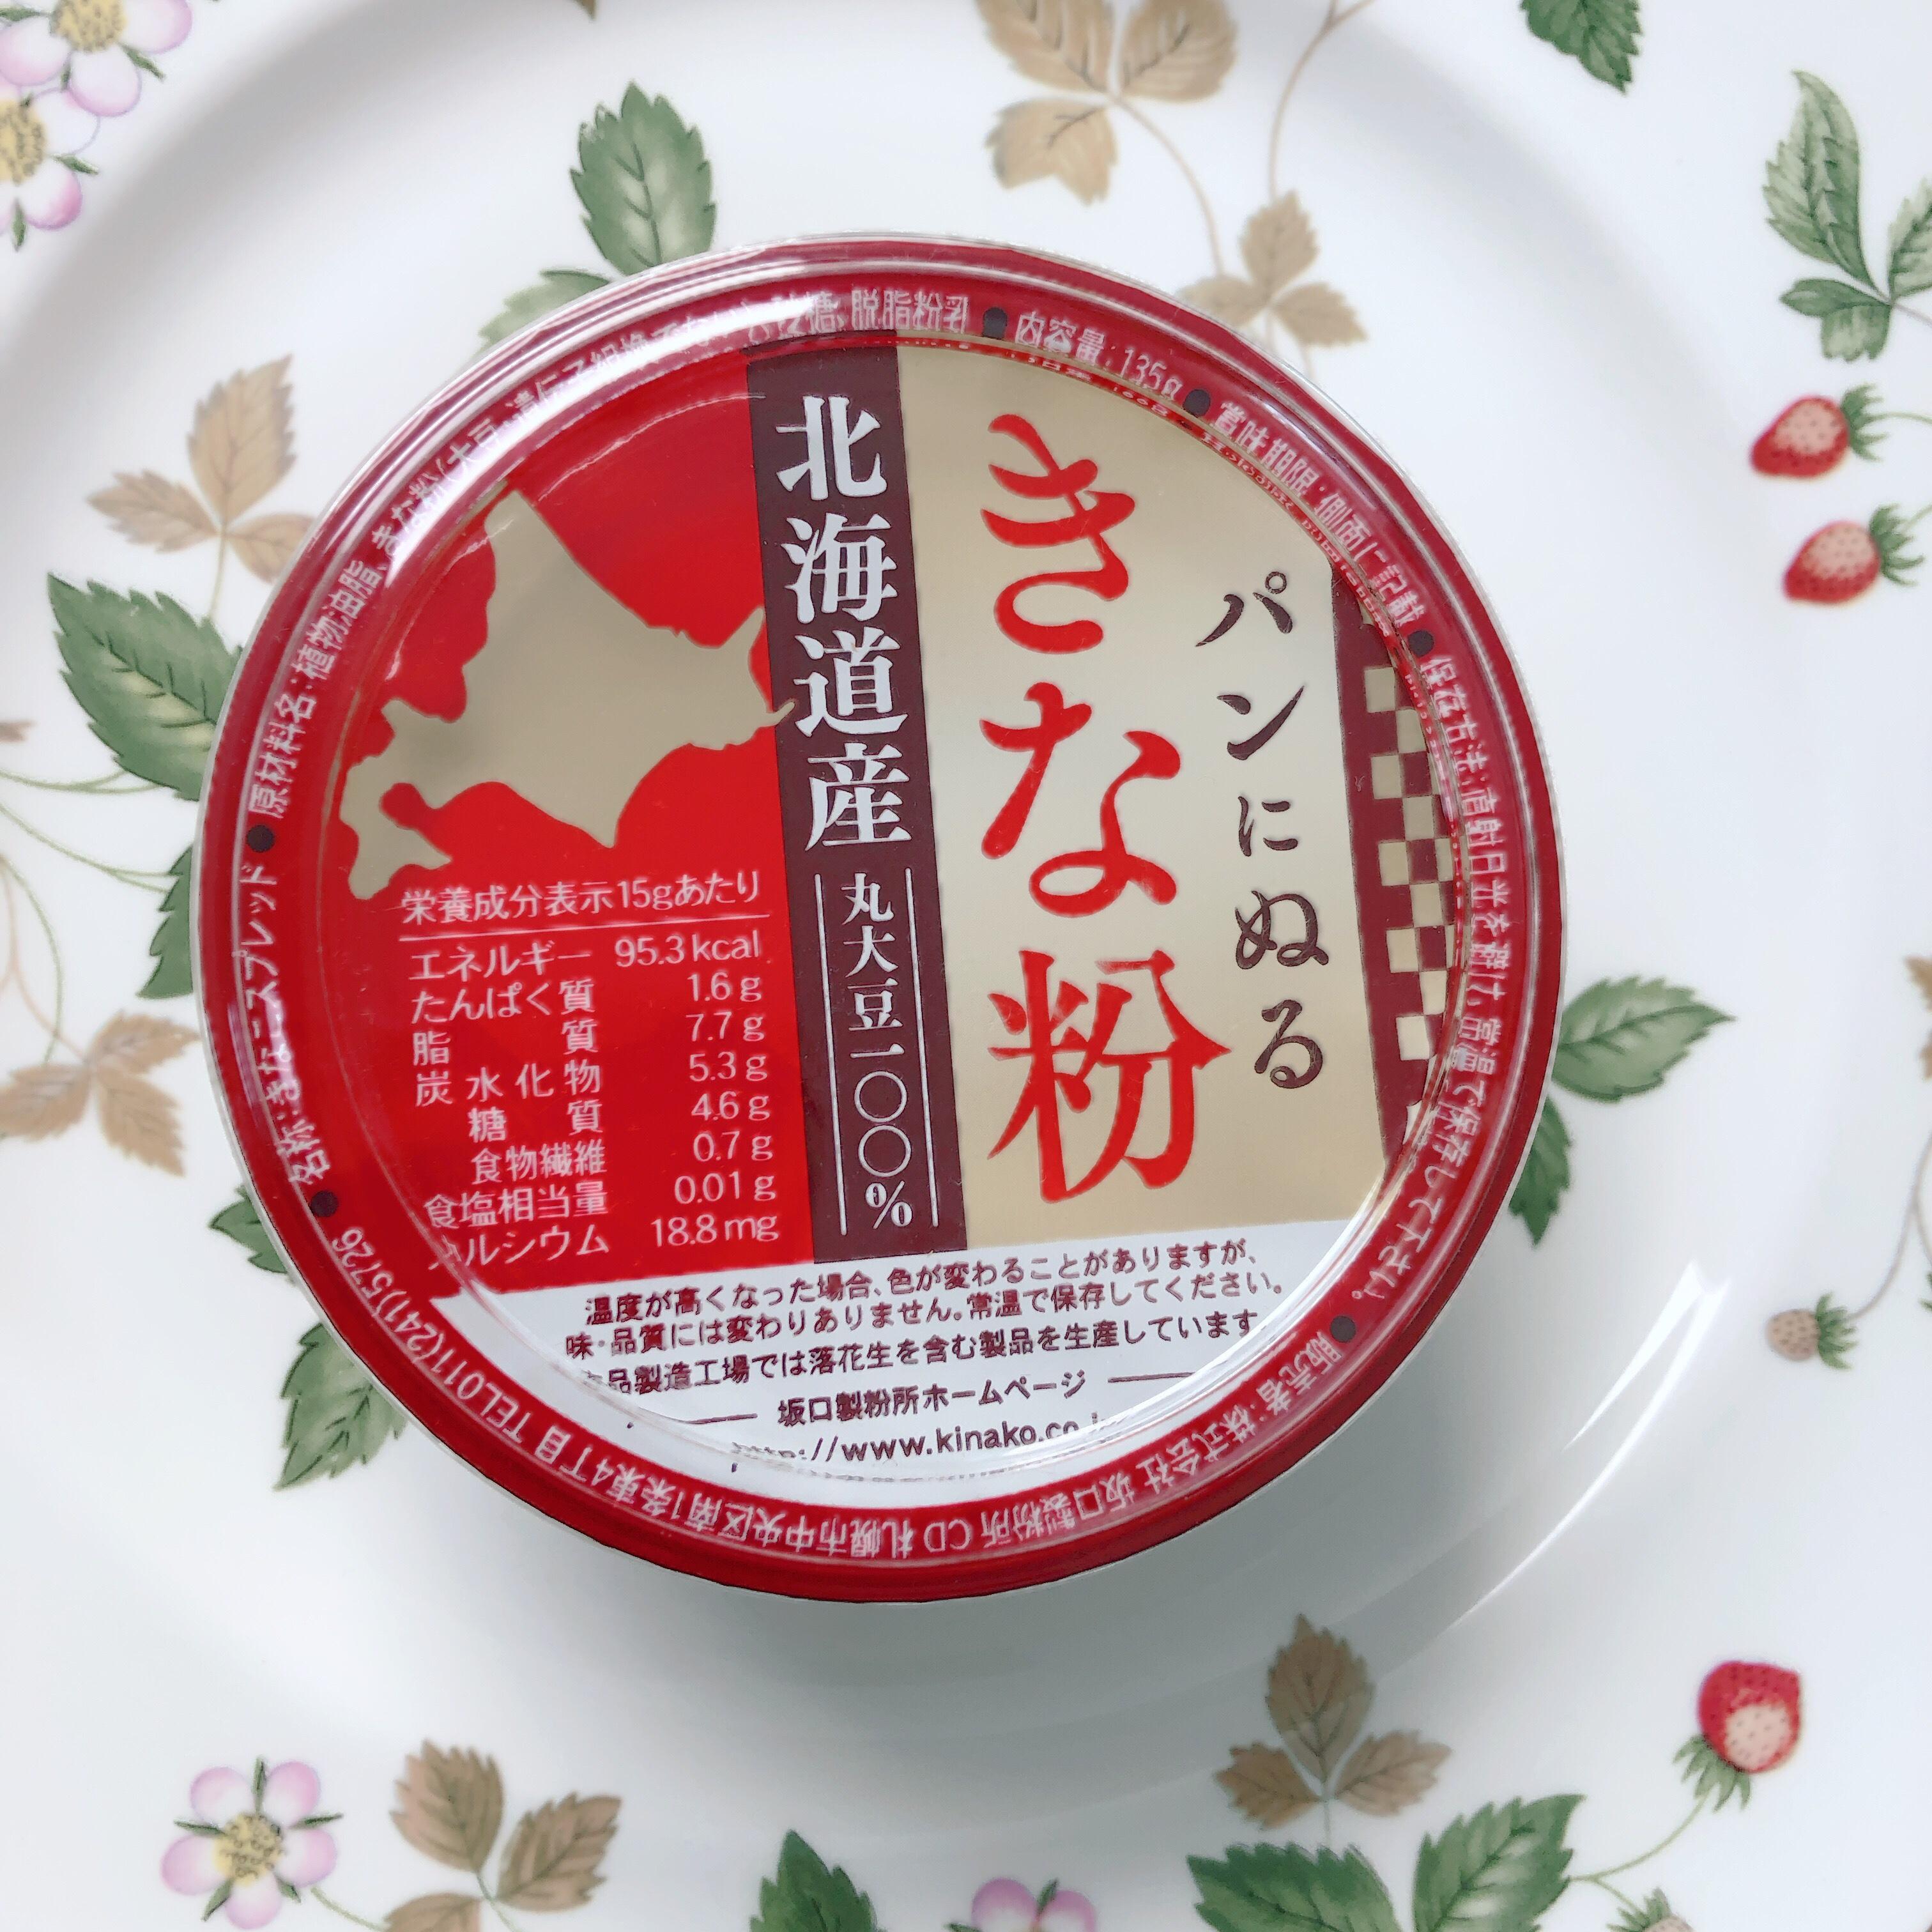 美味しいものいっぱいの北海道